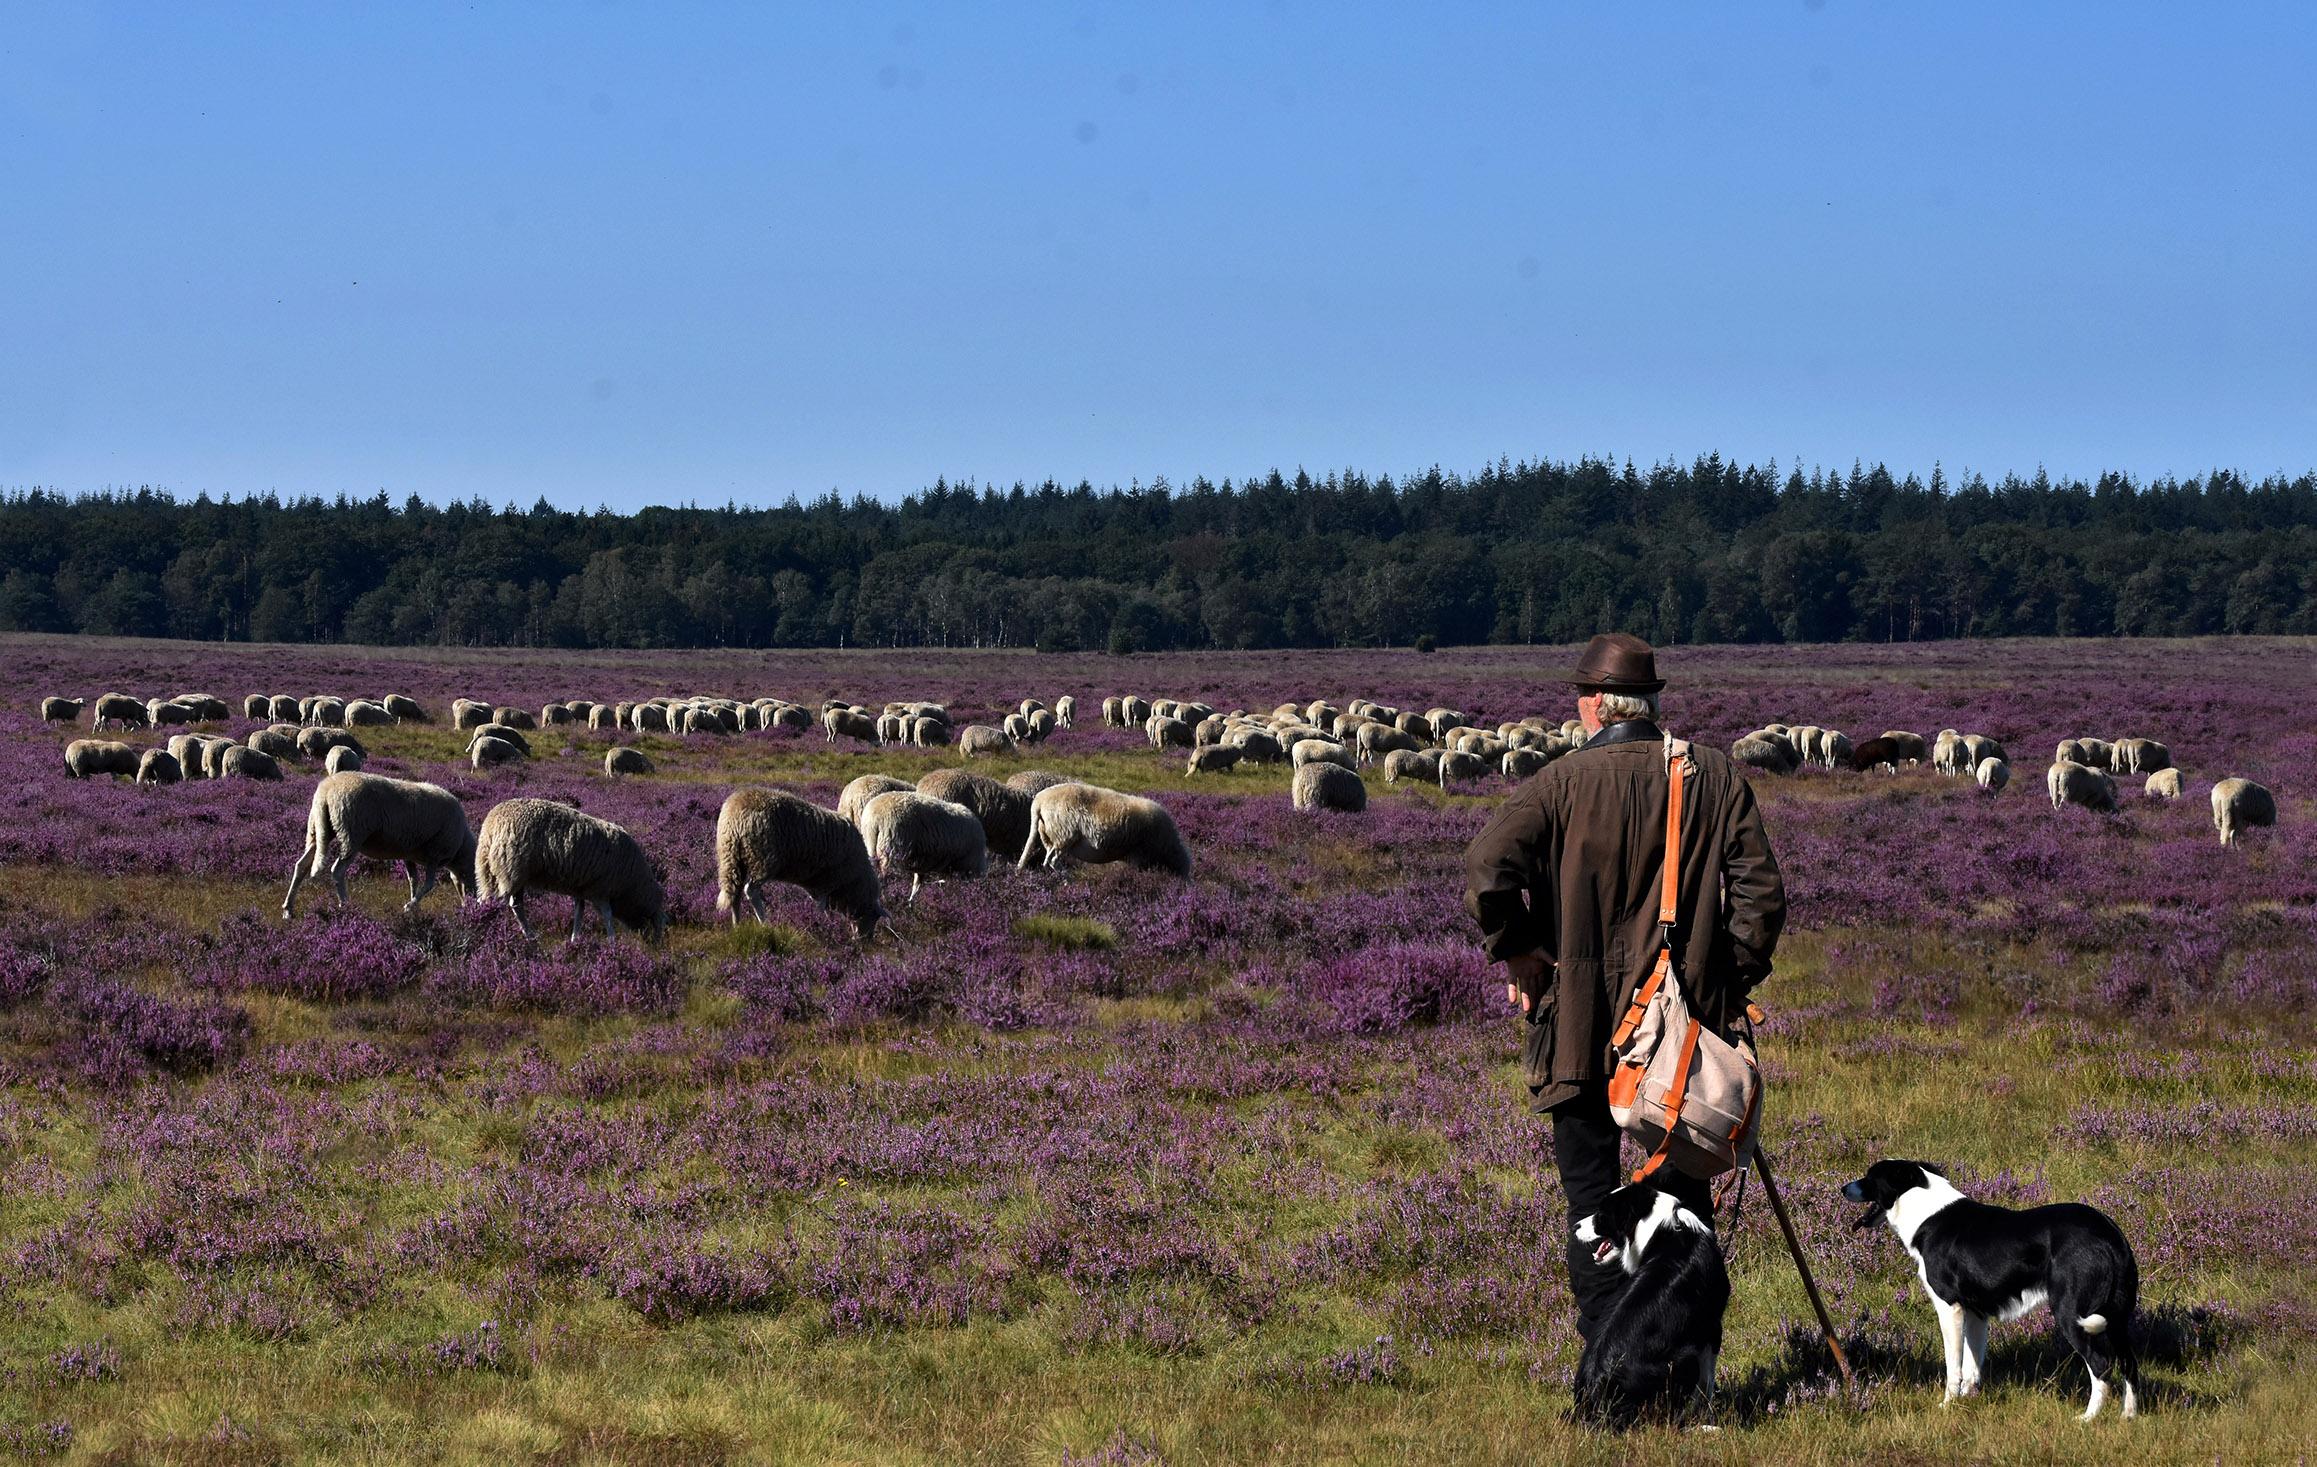 Dit is toch een prachtig beeld van de schaapherder met zijn kudde op de heide - Foto: ©Louis Fraanje